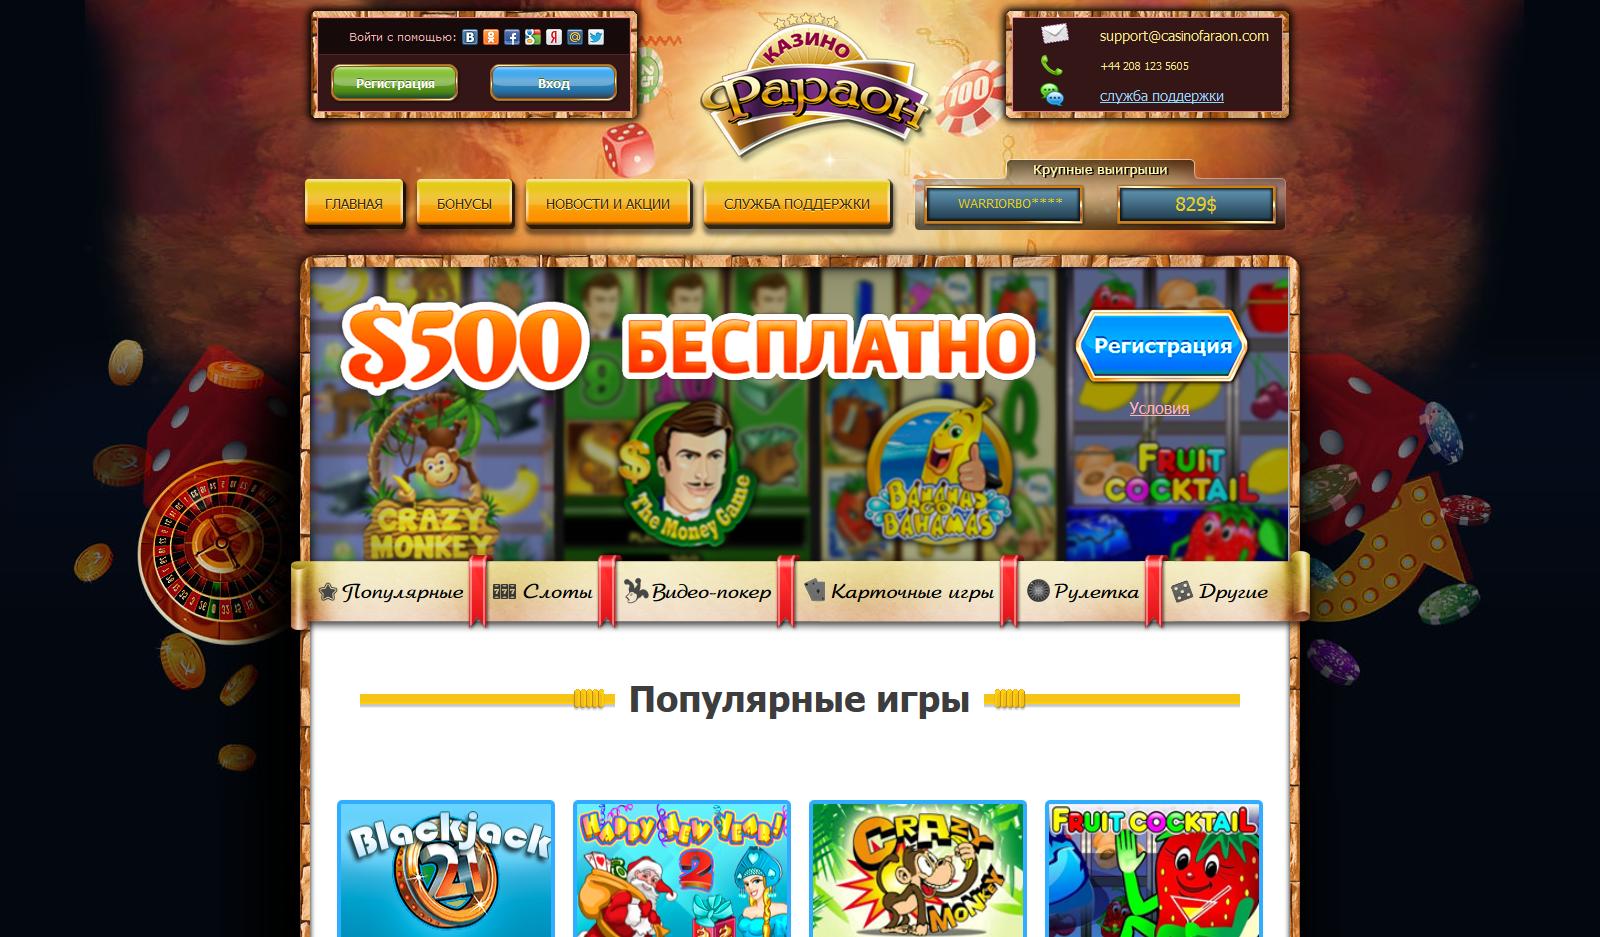 казино бесплатно гейм лаки играть